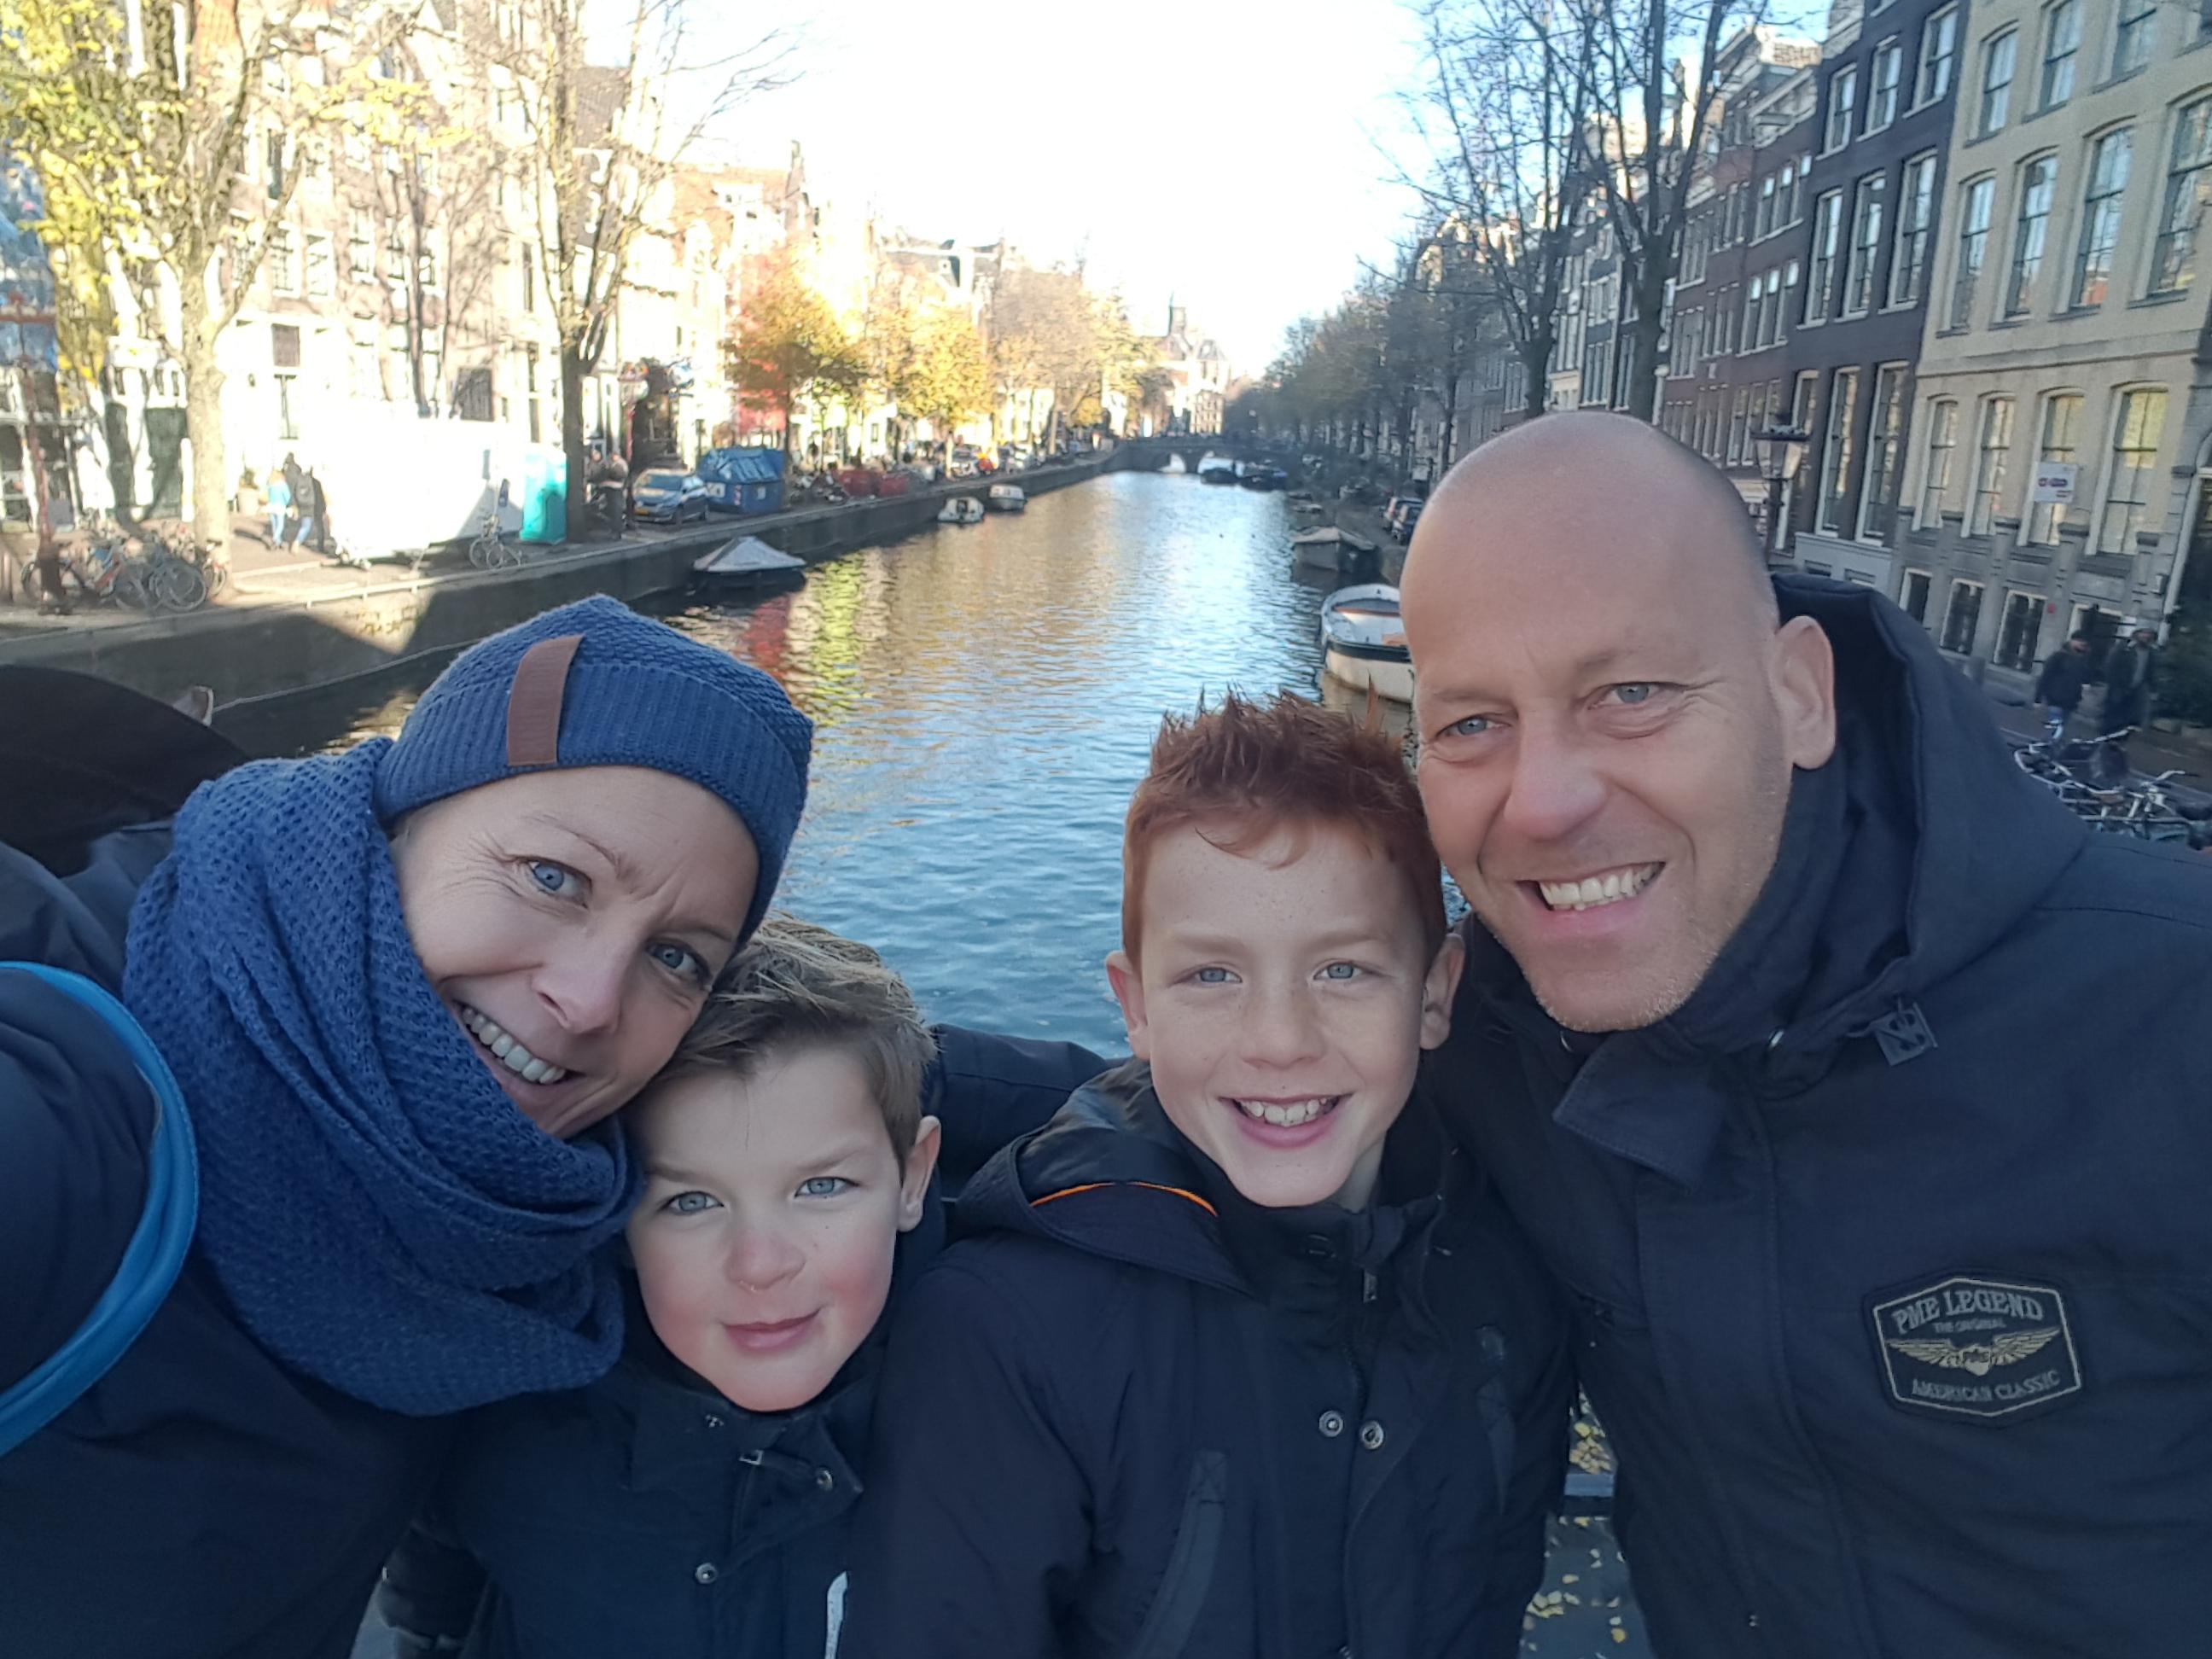 Familie van Hilst een dagje in Amsterdam voordat wij naar camping-agriturismo Quarantaquattro in Le Marche, Italië vertrokken (november 2018).